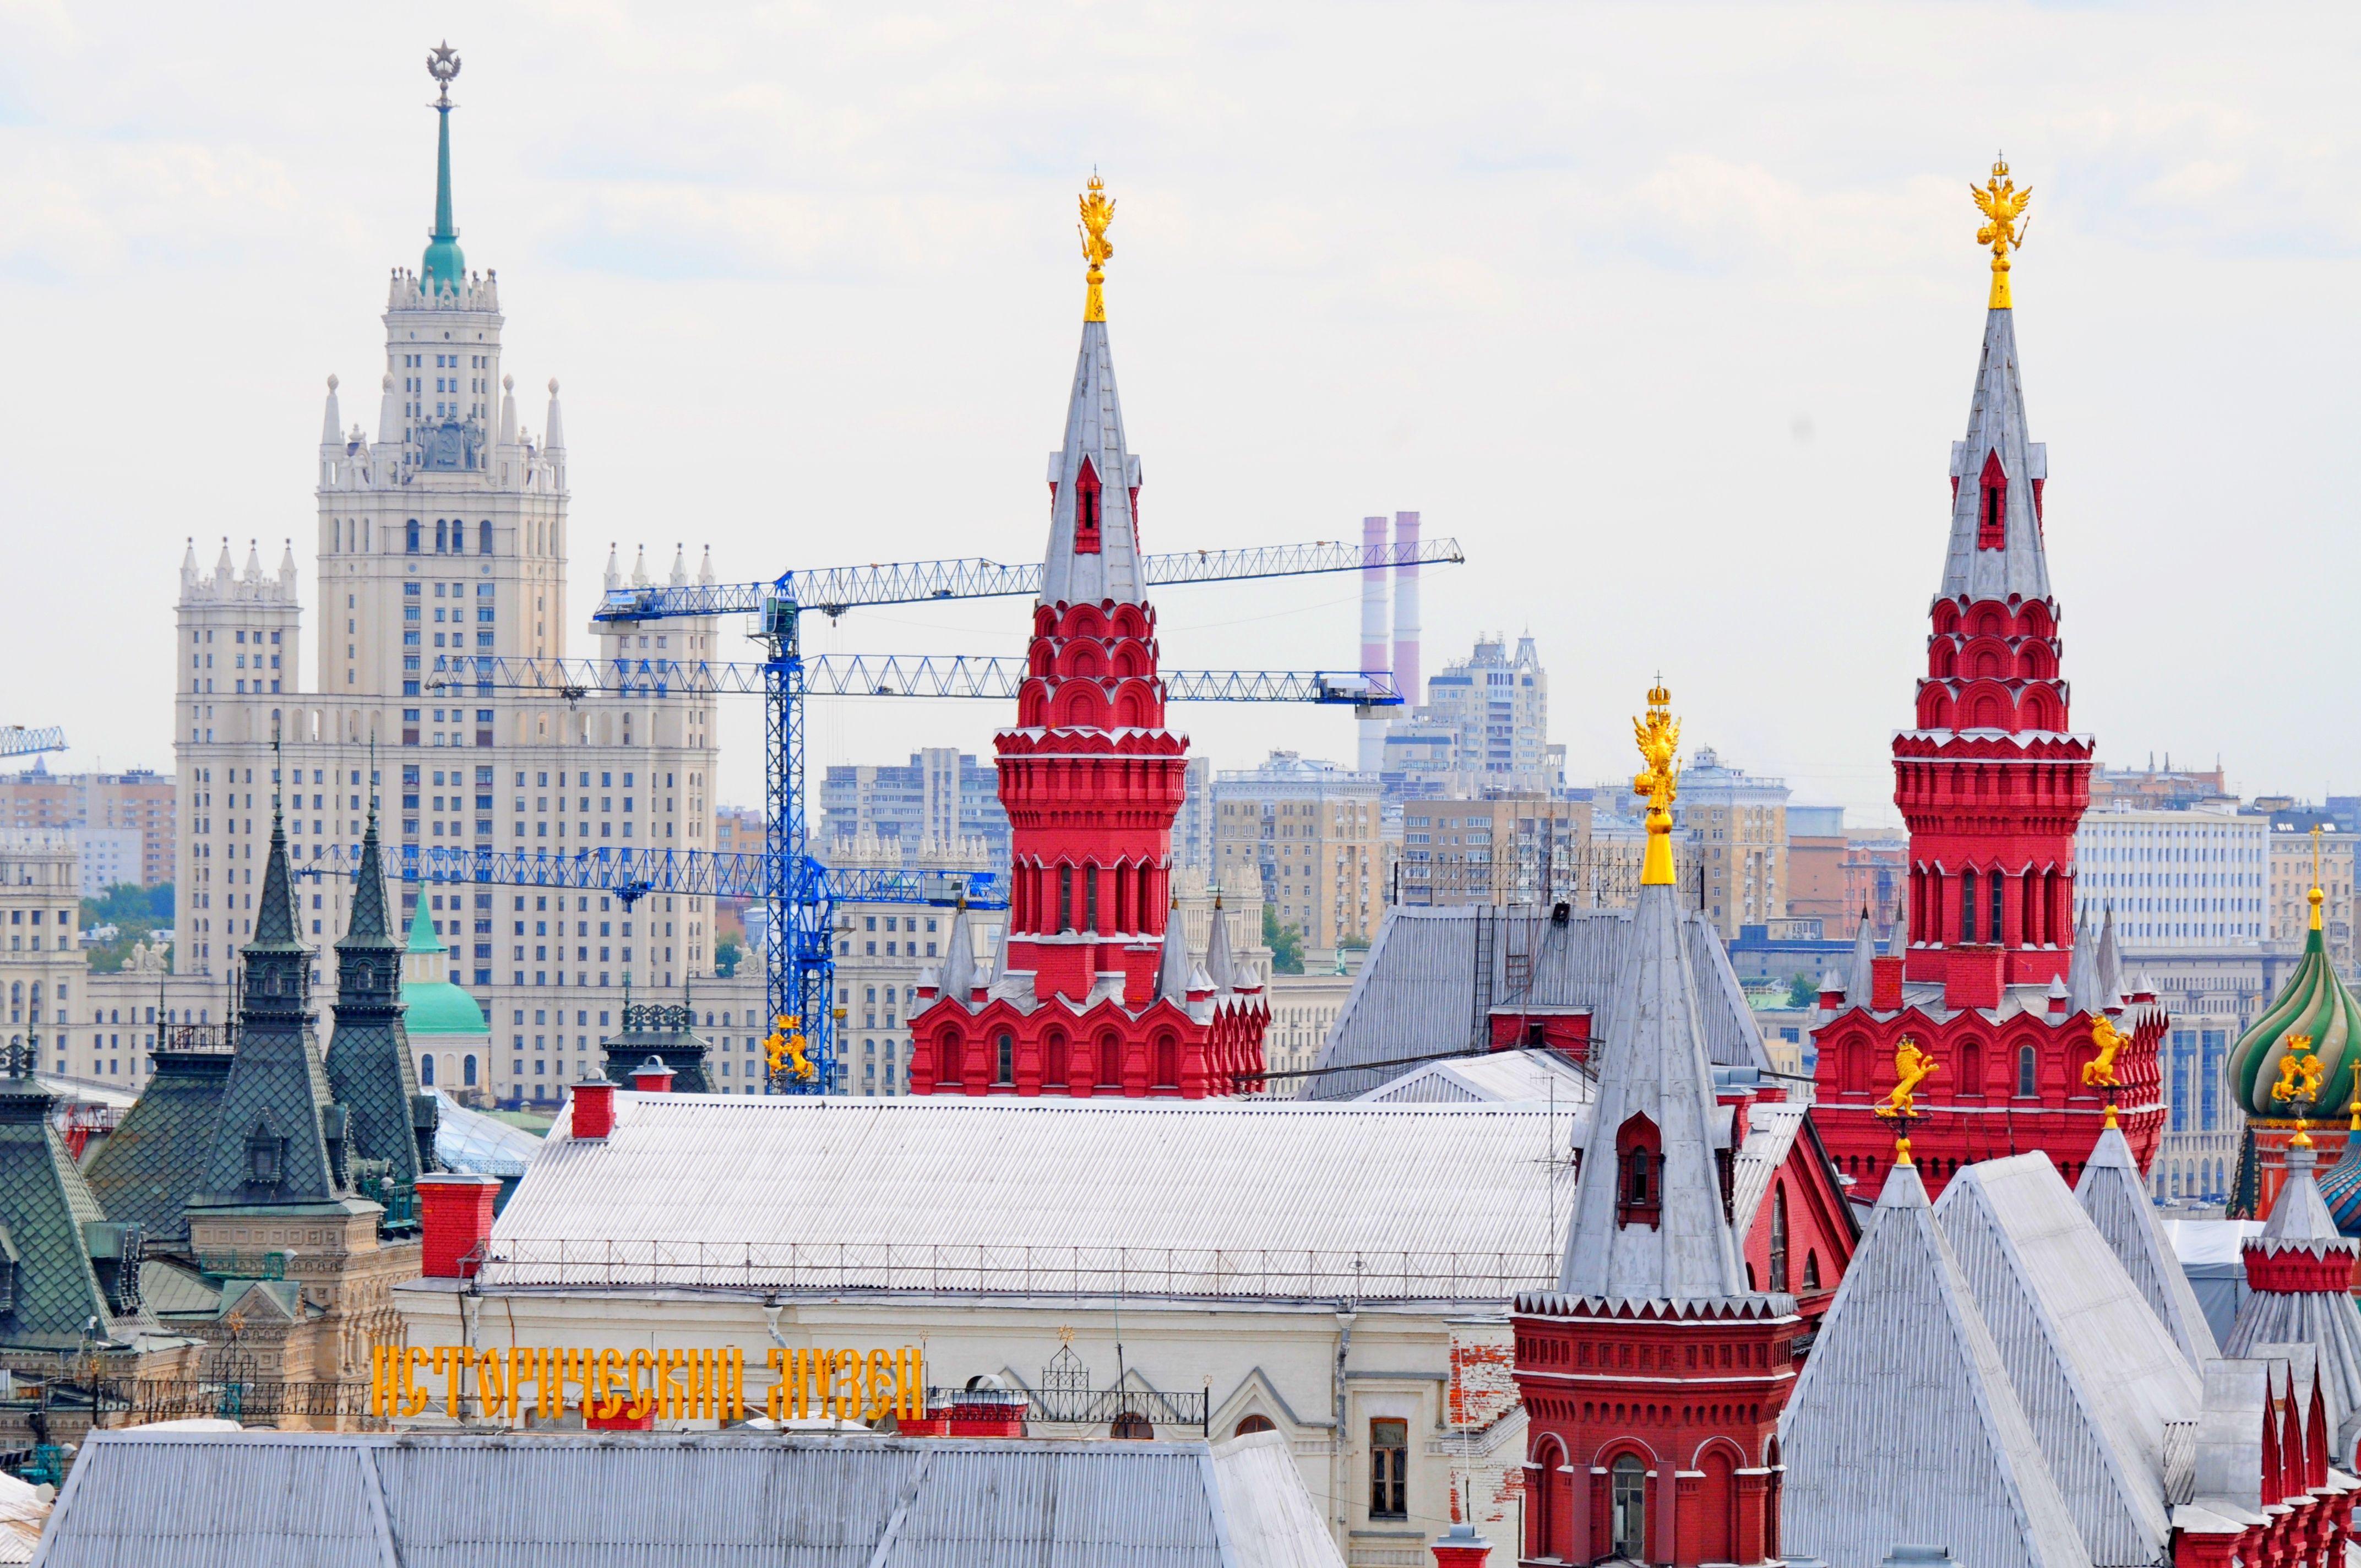 Гиды назвали любимые достопримечательности иностранцев в Москве